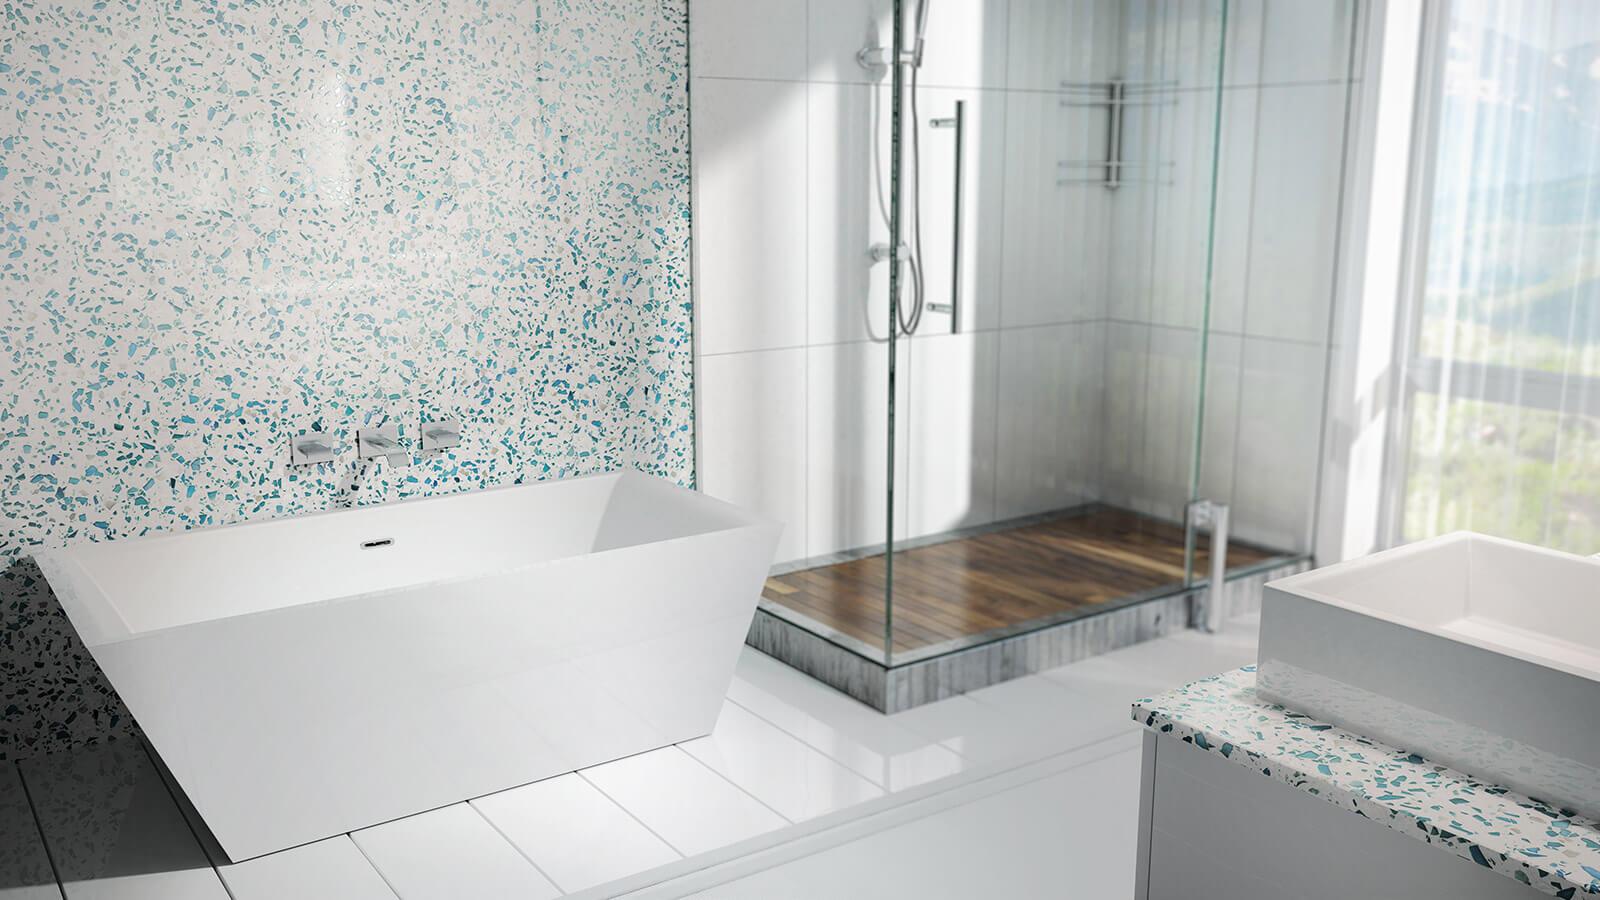 Vetrazzo in Floating Blue Bath.jpg